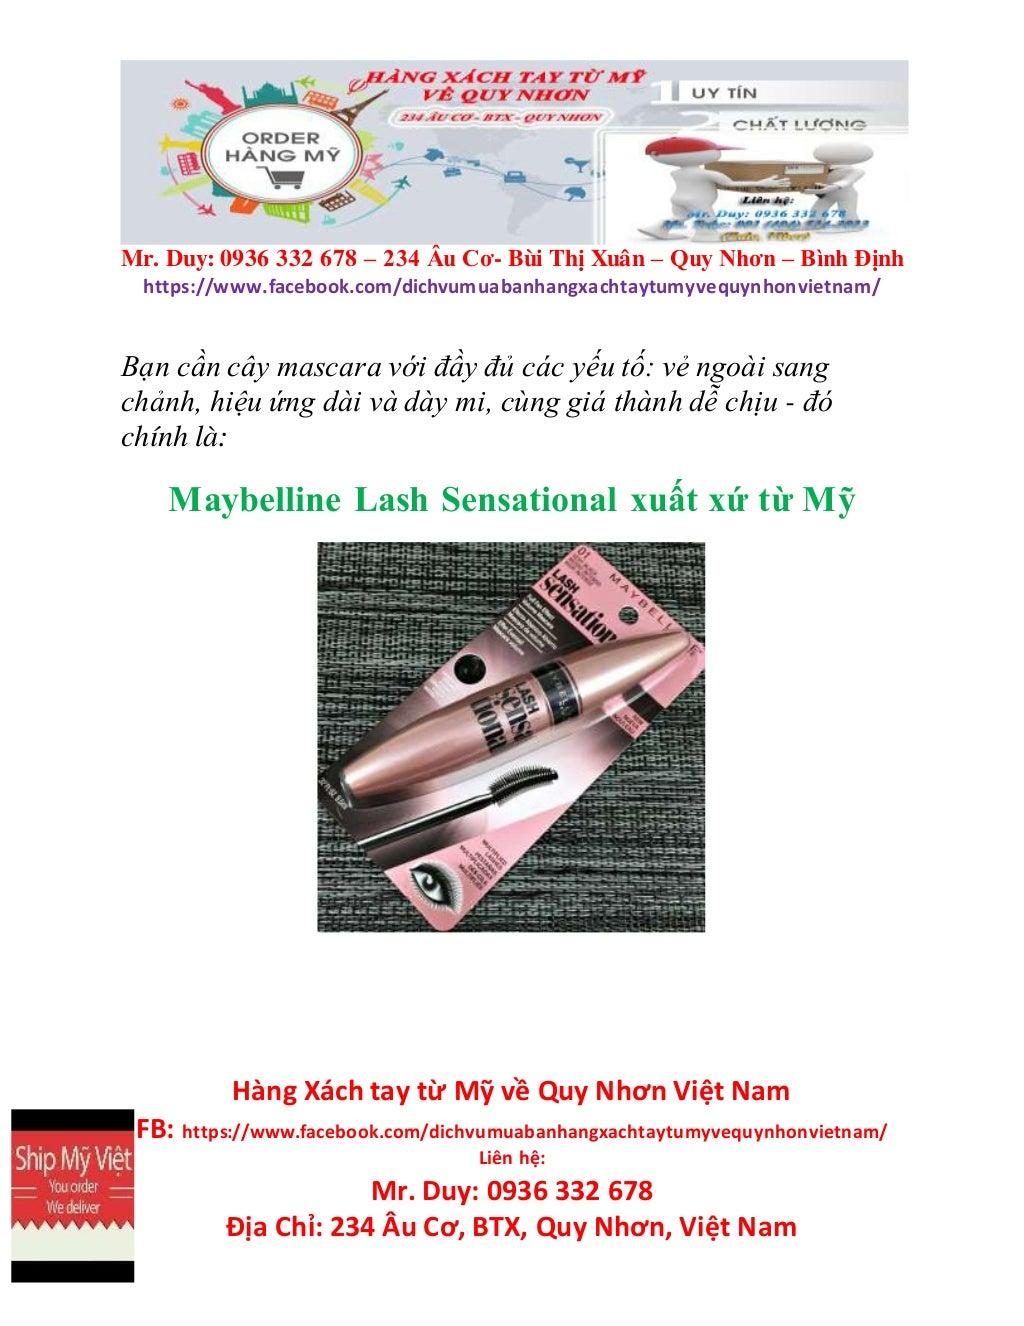 Địa chỉ order mỹ phẩm xách tay tại Quy Nhơn bảo đảm - Magazine cover